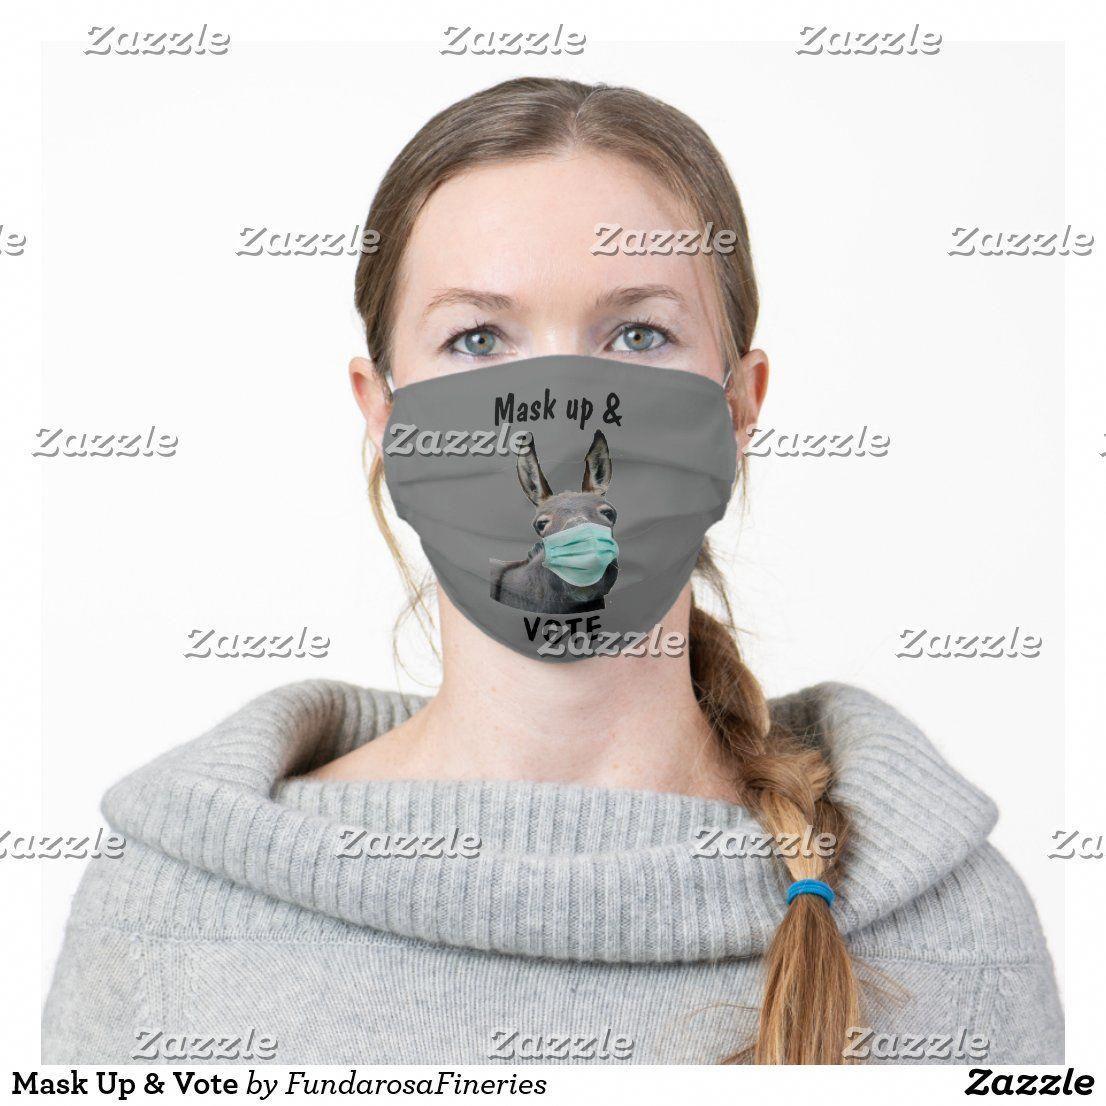 n95 face mask vs kn95 face mask in 2020 Mask, Diy face